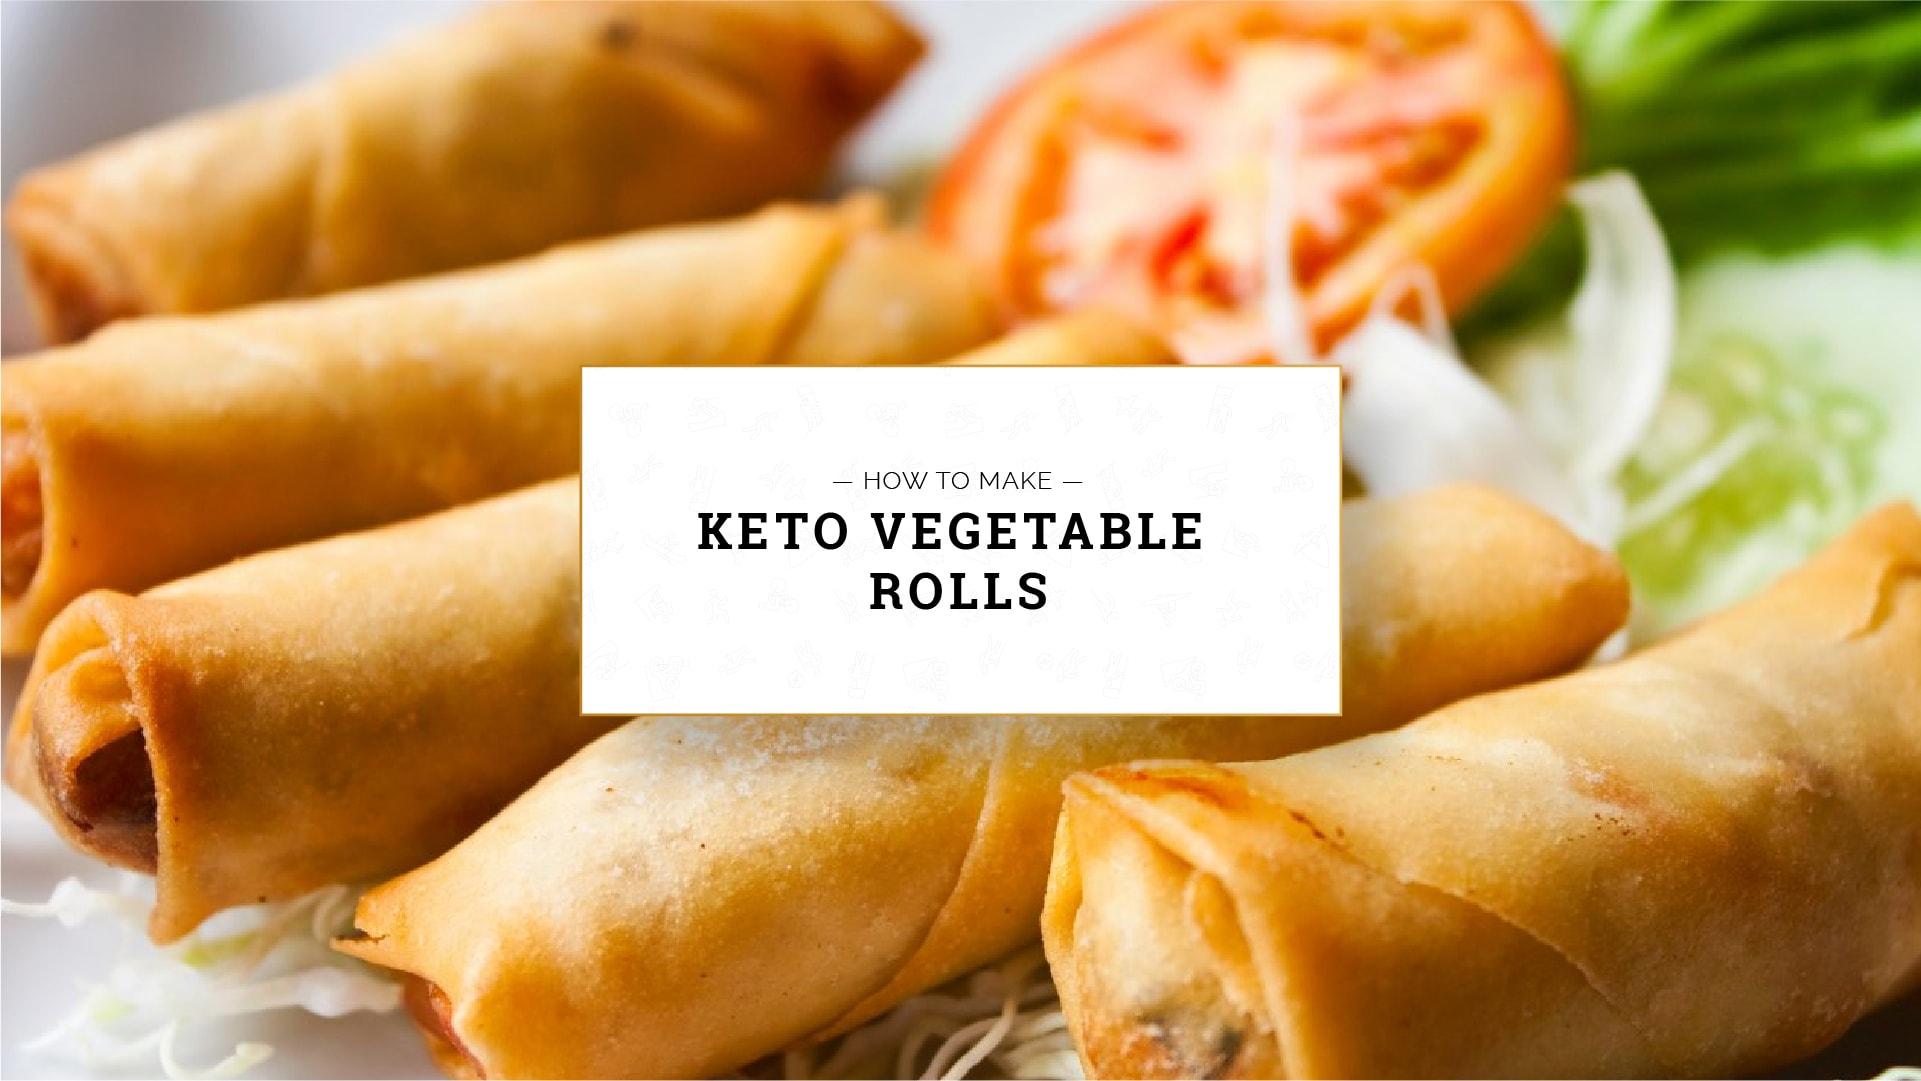 Keto Vegetable Rolls